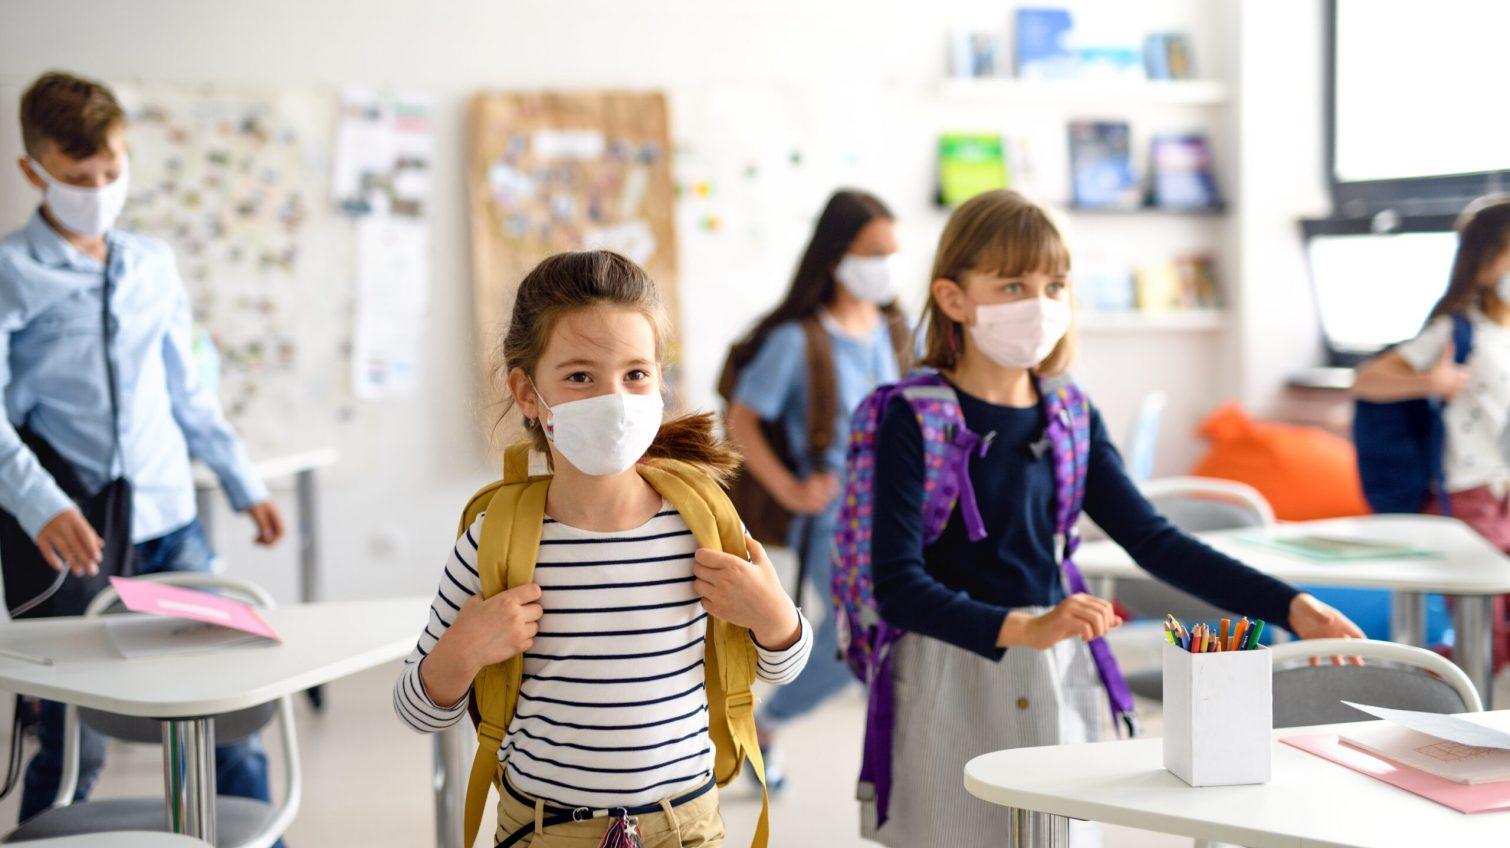 Карантинный учебный год: на урок без маски — можно, а по школе ходить — нельзя «фото»